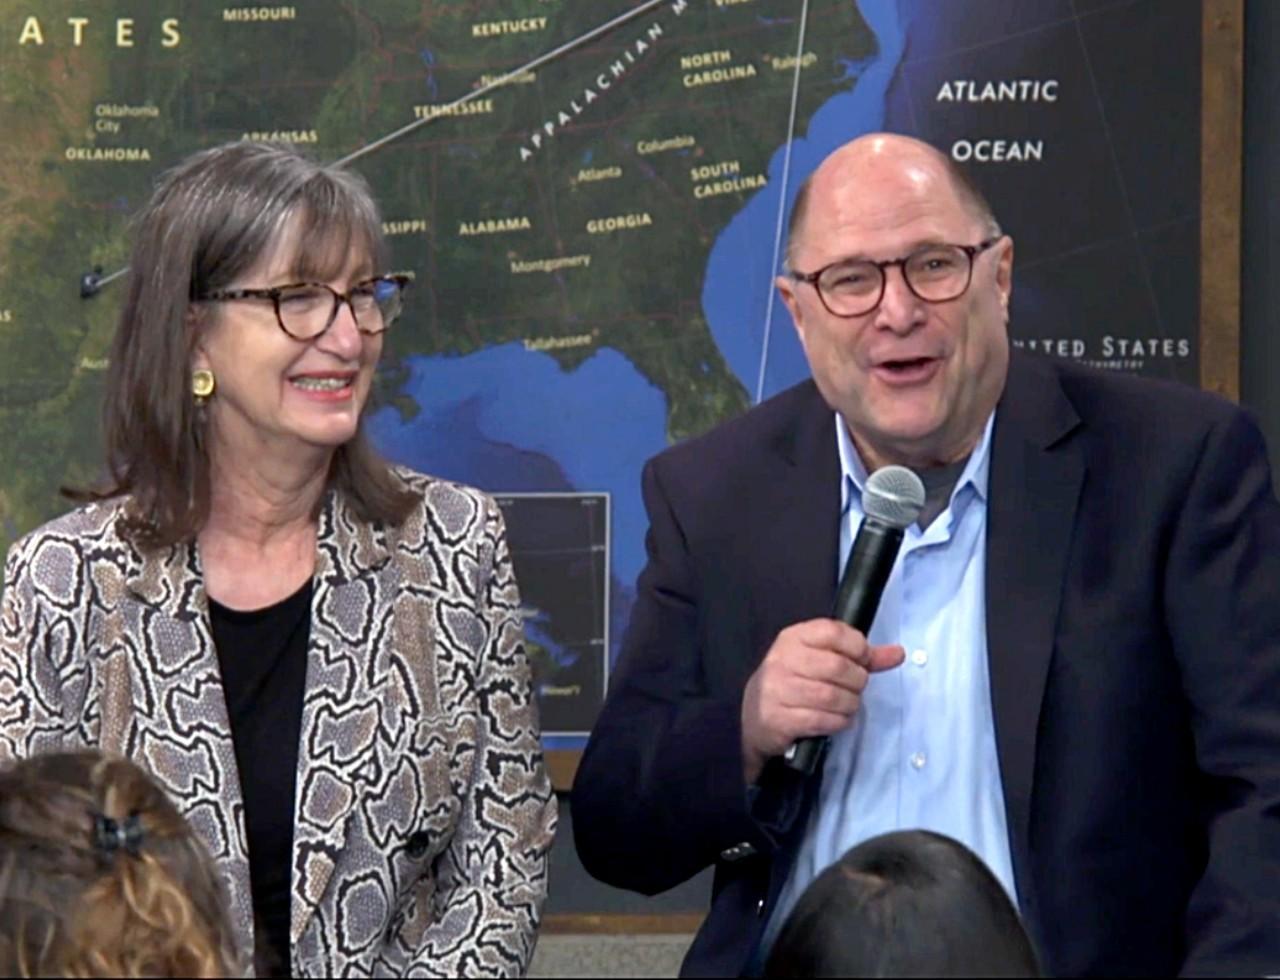 Dr. Charles and Elaine Sanger